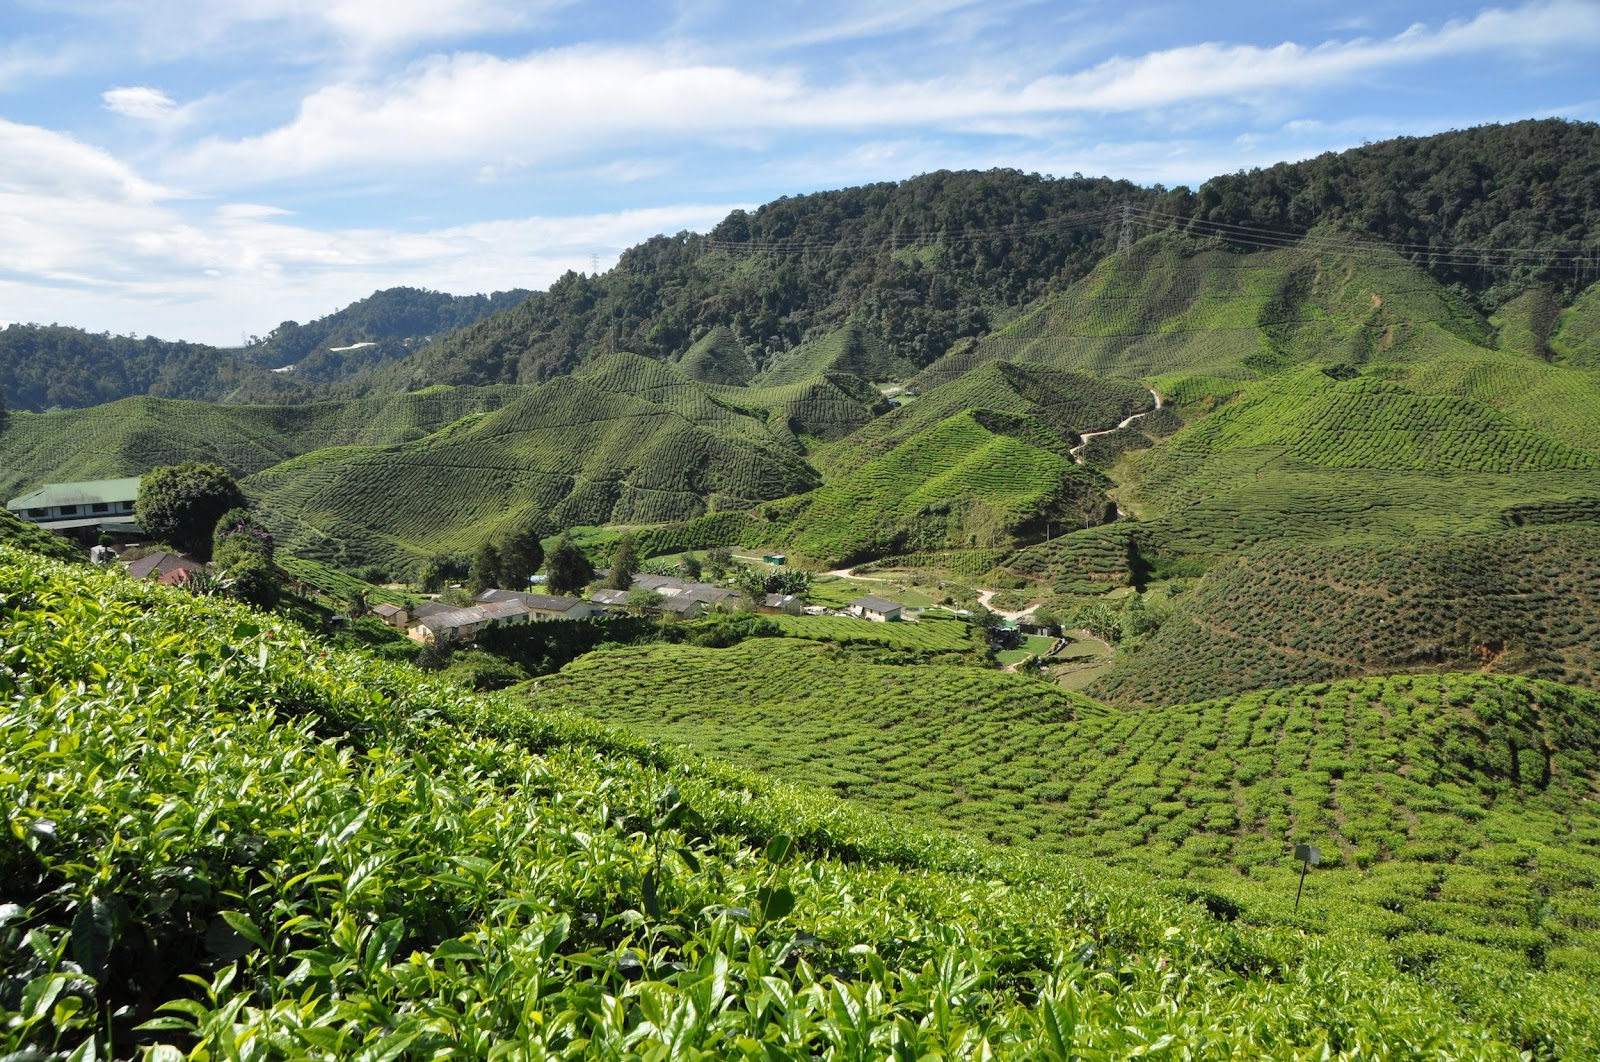 cameron-highlands-colorful-tea-plantation-malaysia